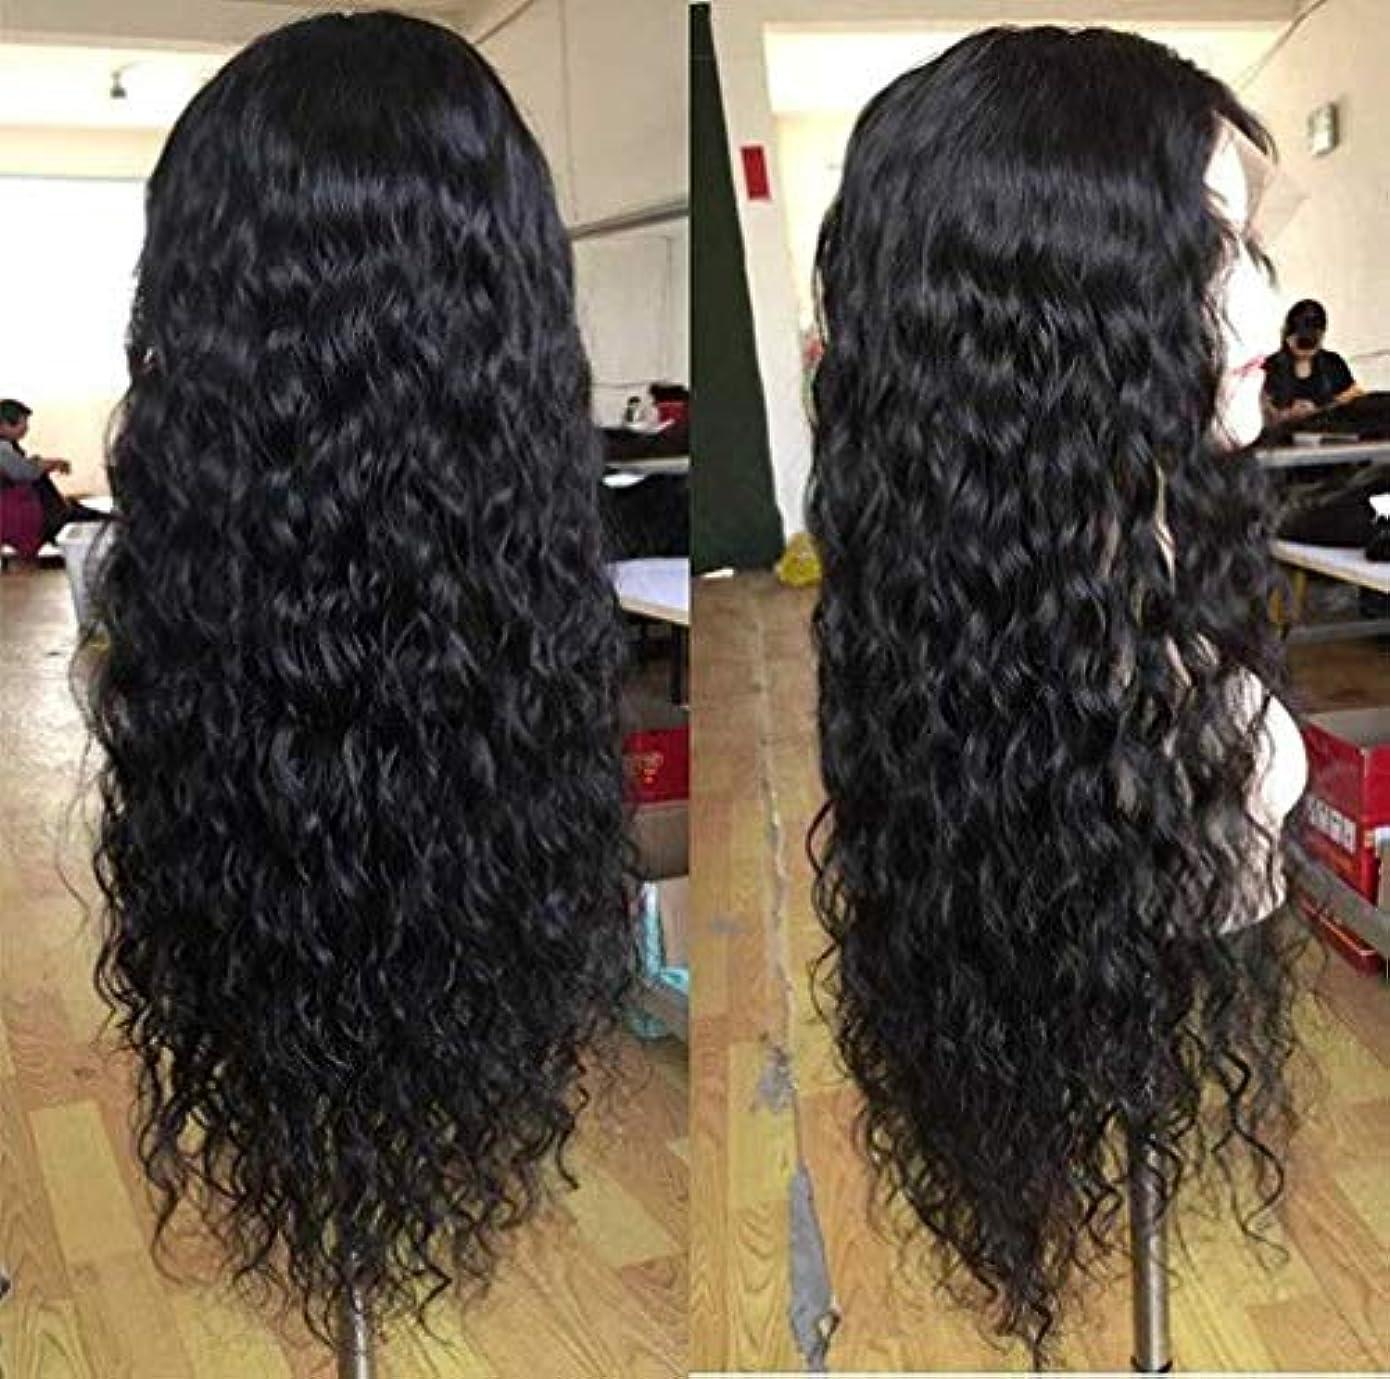 小数吸収コーヒー女性かつらブラジルレース前頭ディープウェーブヘアウィッグレースフロント人間の髪かつらベビー髪ショートレミー150%密度